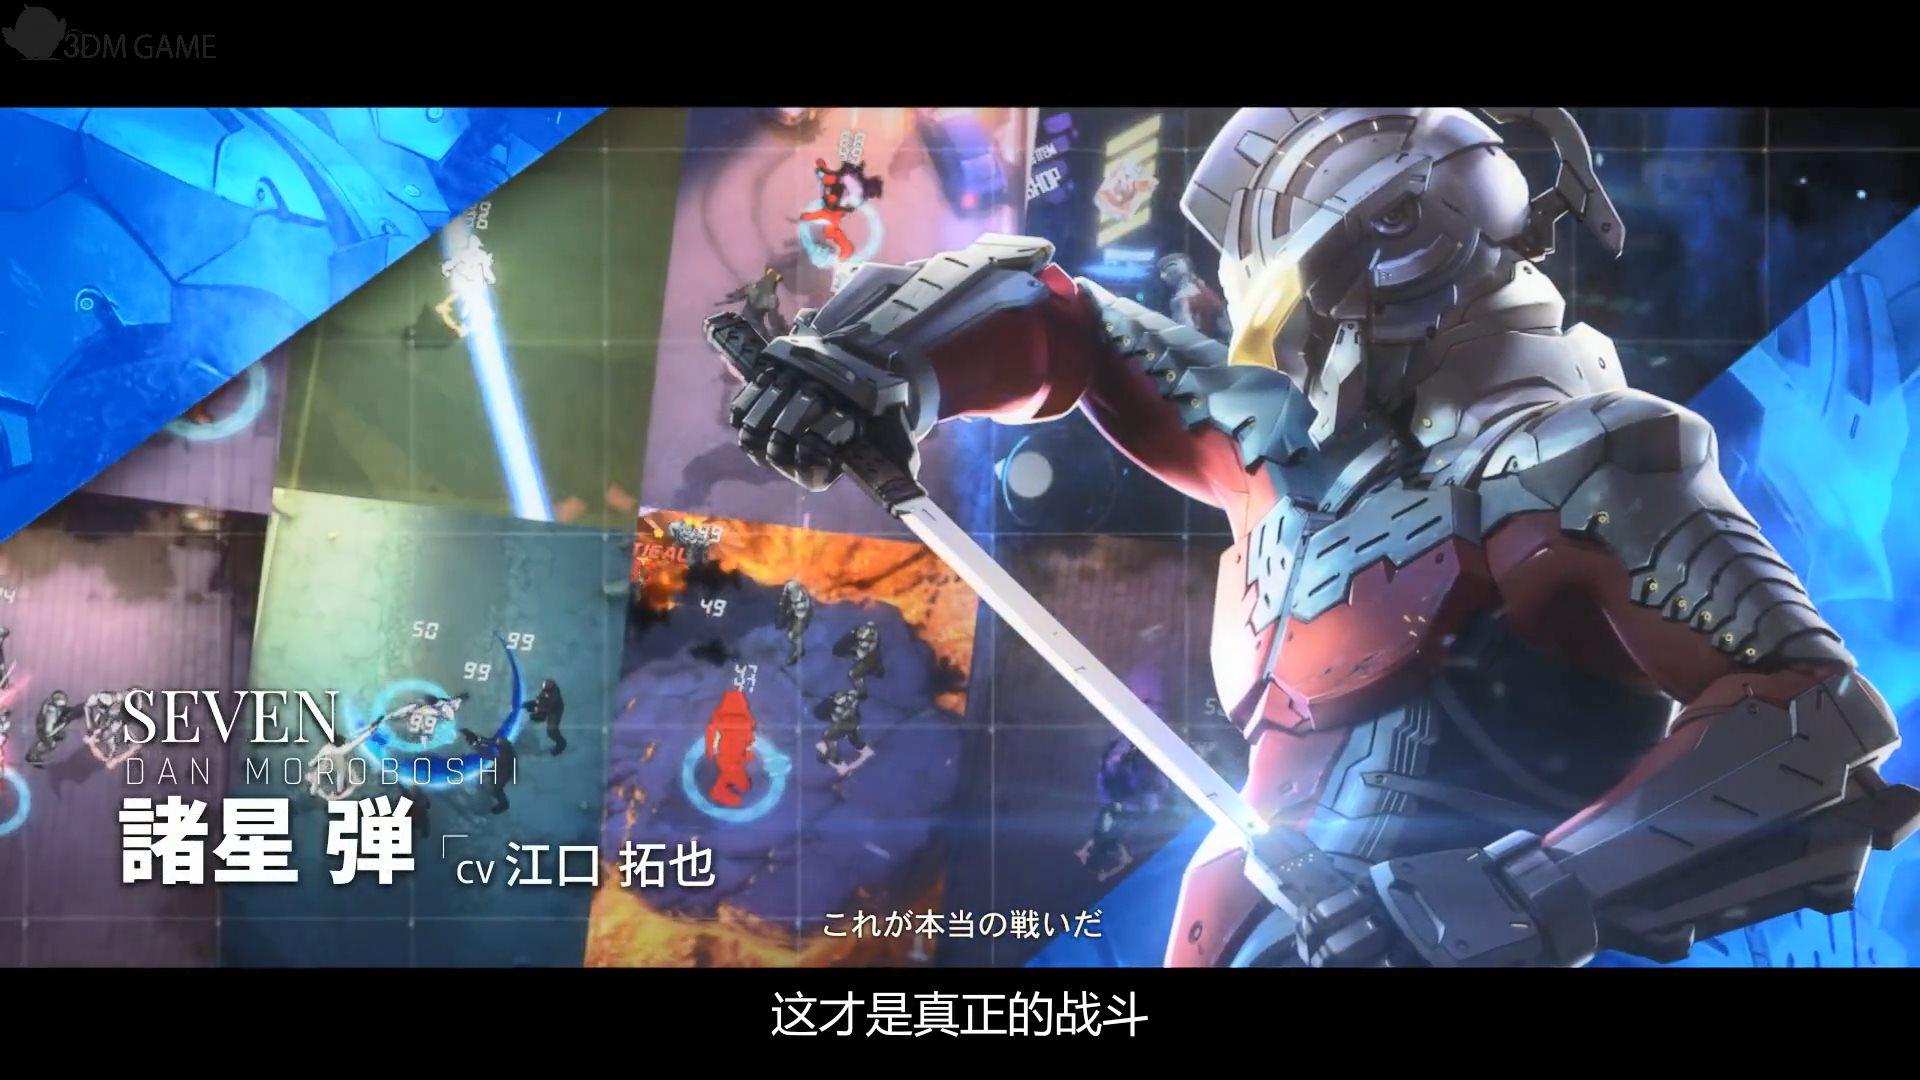 網飛3DCG動畫《機動奧特曼》推出衍生手遊